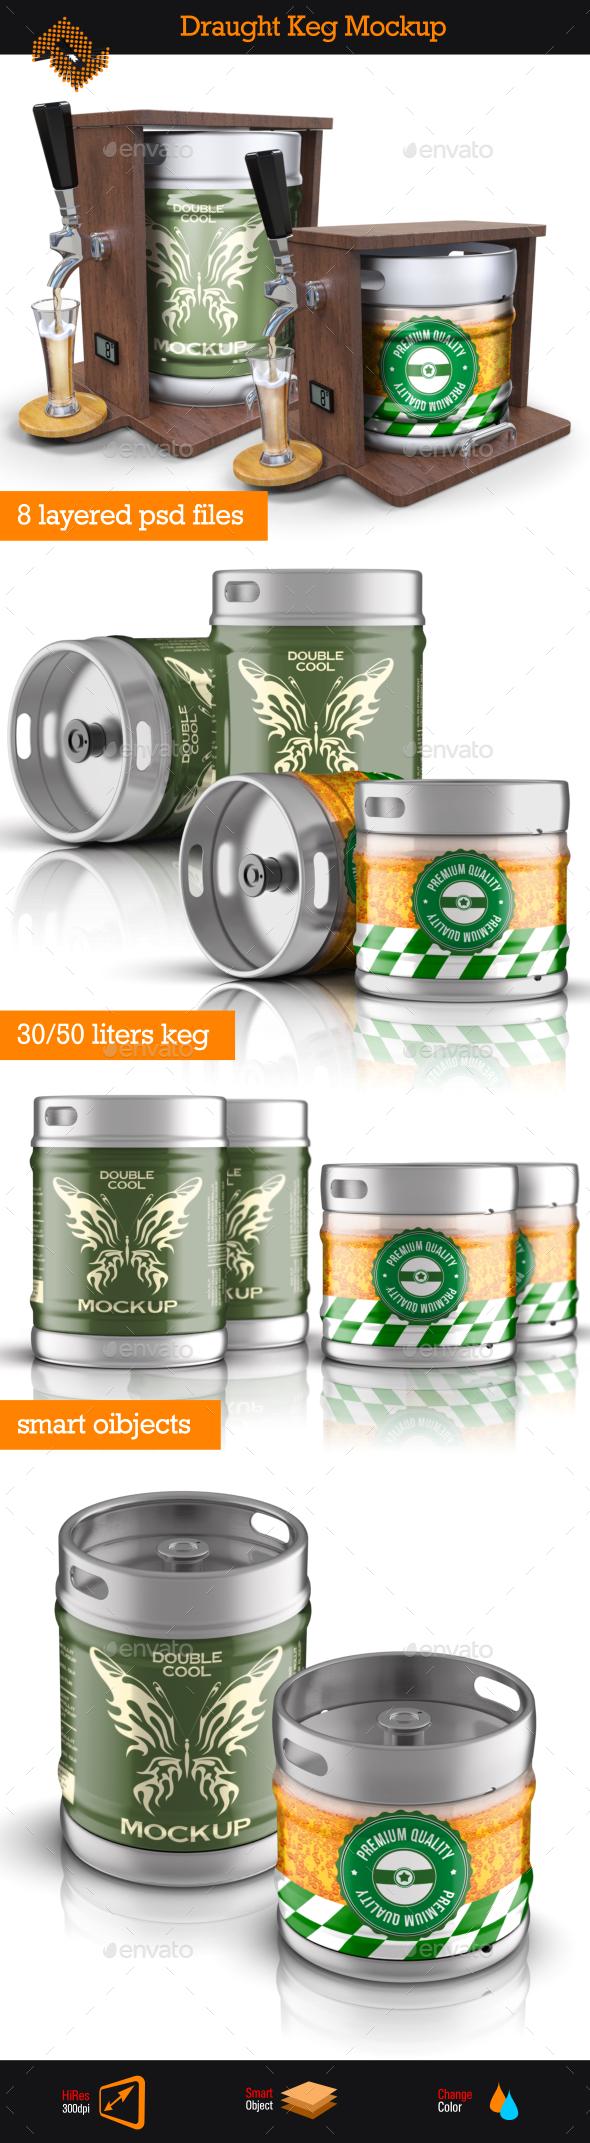 Draught Keg / Beer Package Mockup - Food and Drink Packaging